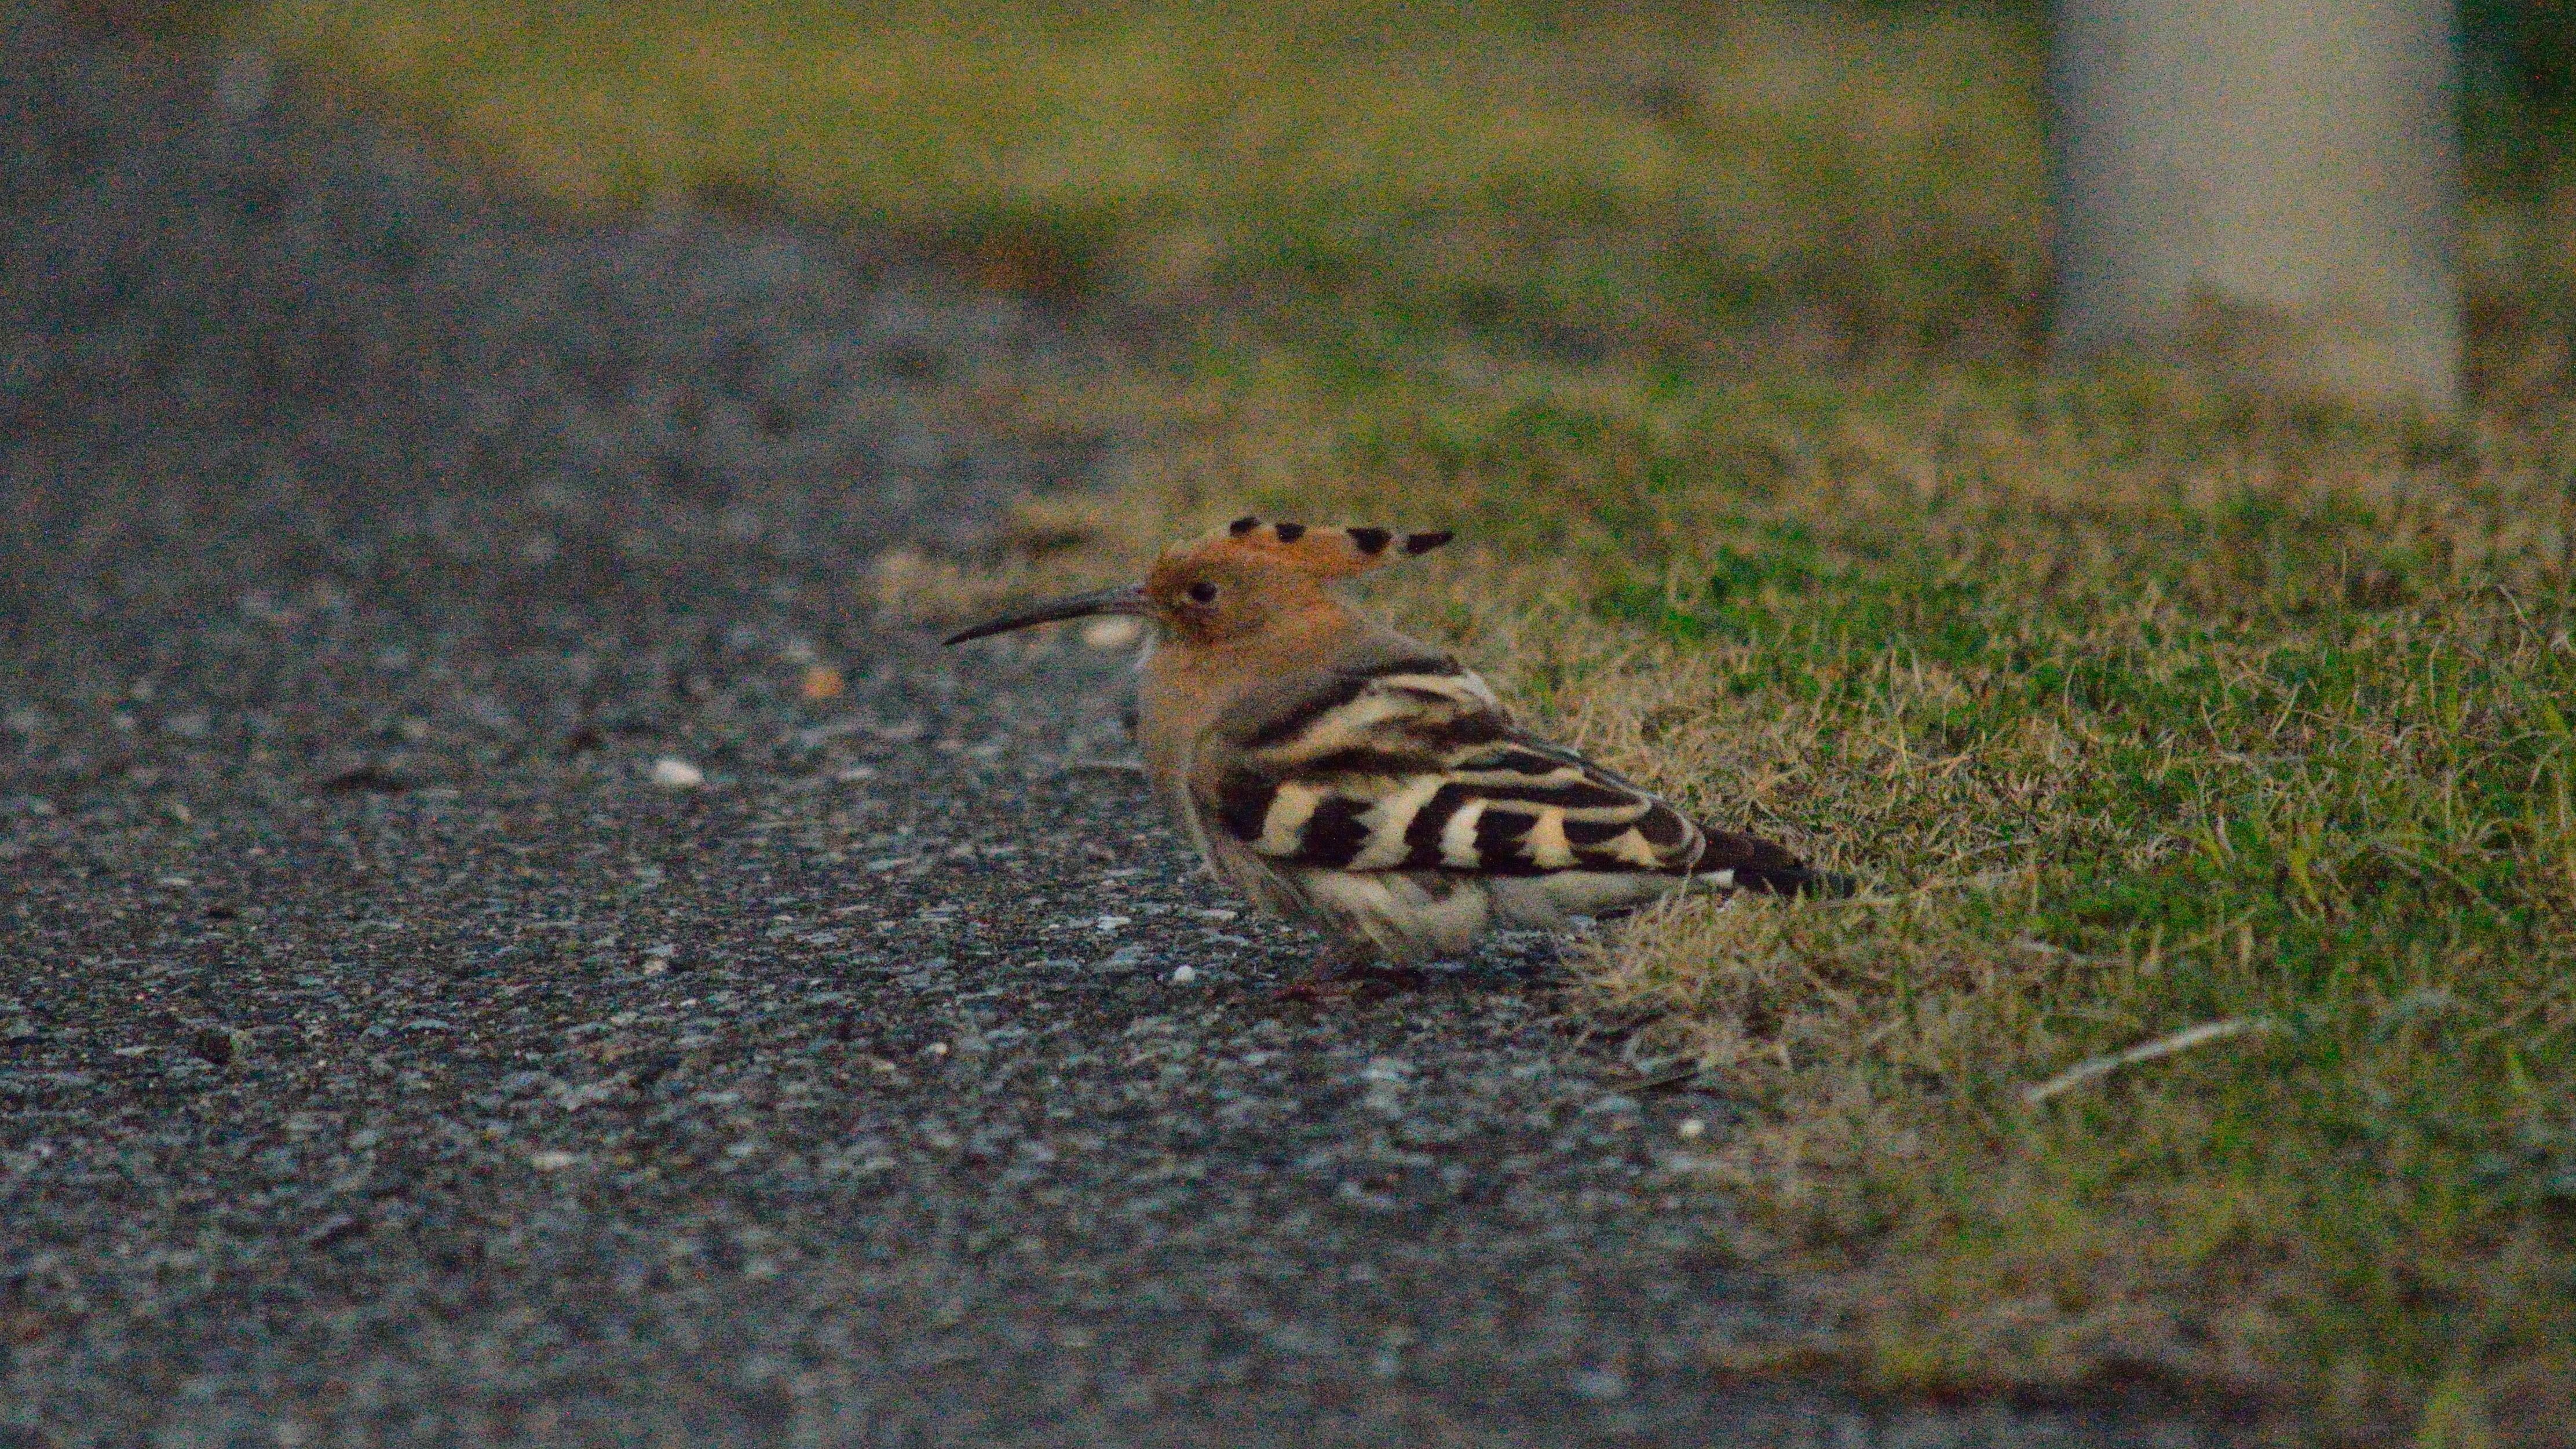 日本の野鳥識別図鑑ヤツガシラ科ヤツガシラ